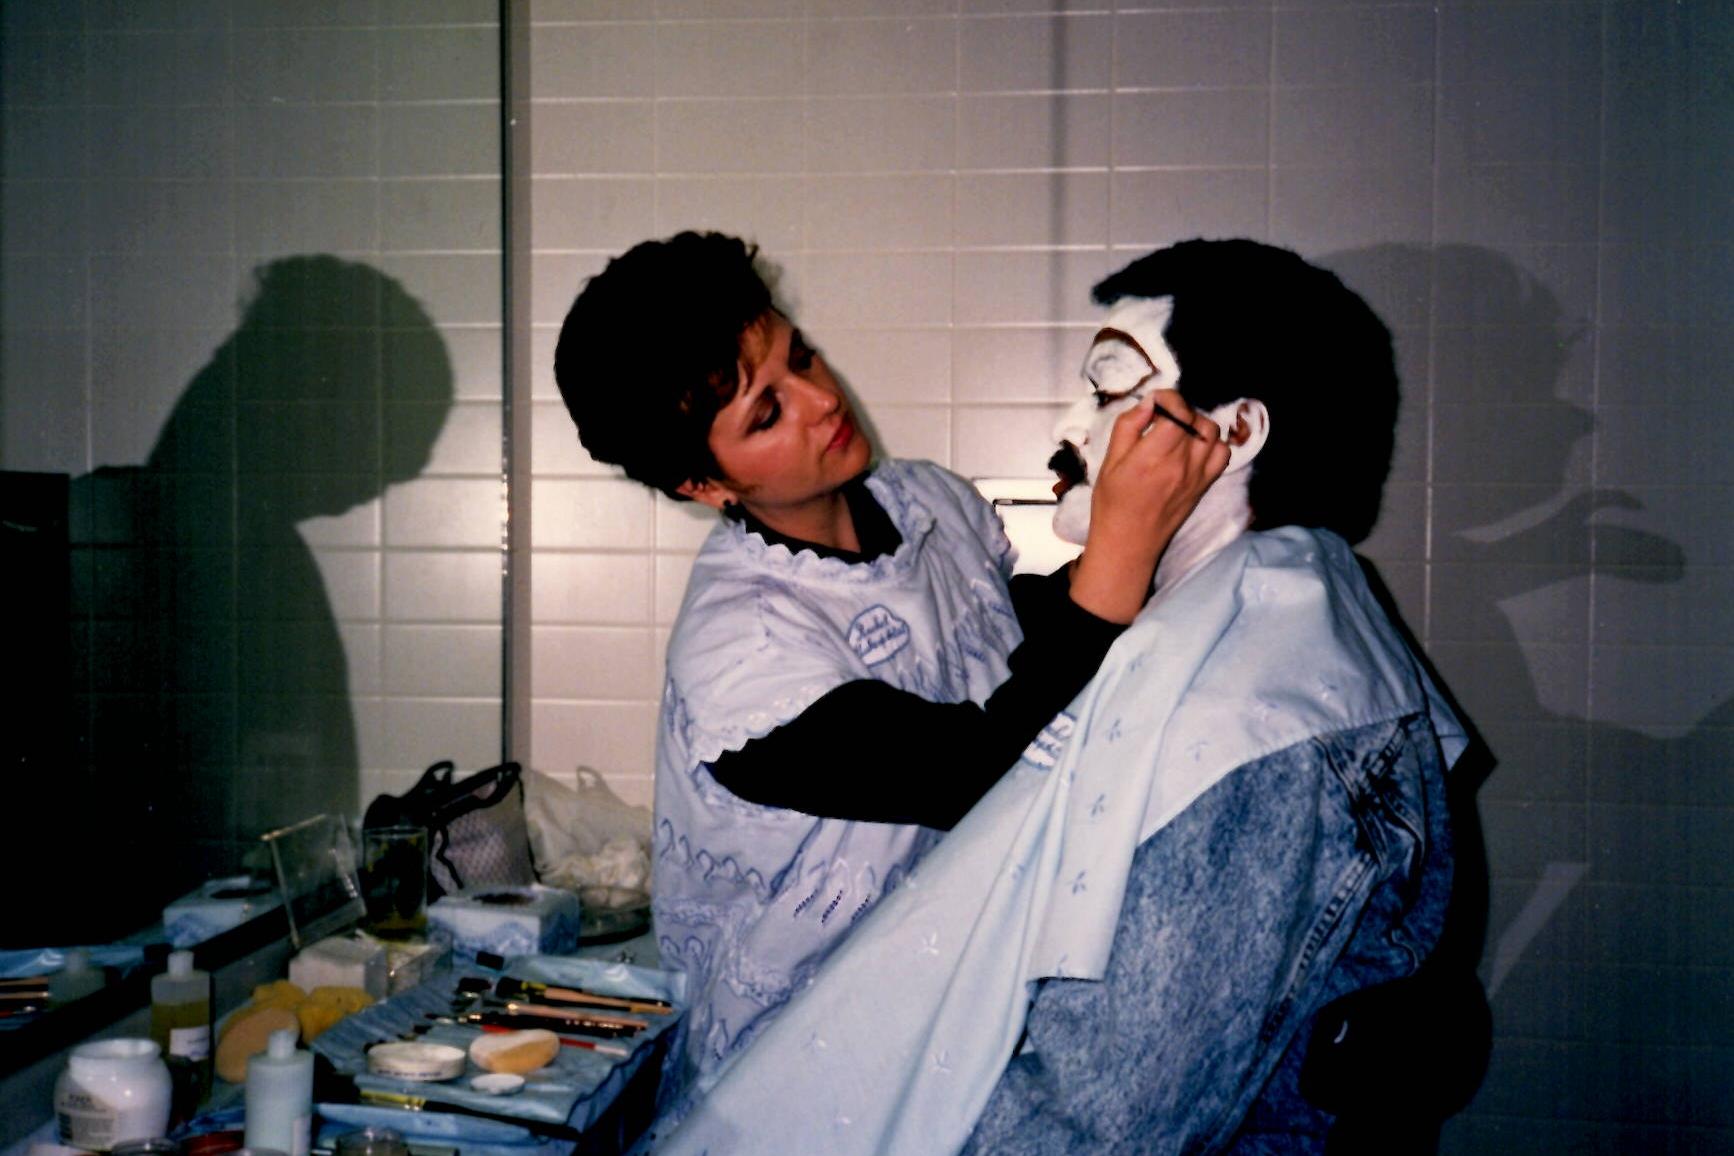 1985 | Rachel creating a clown character